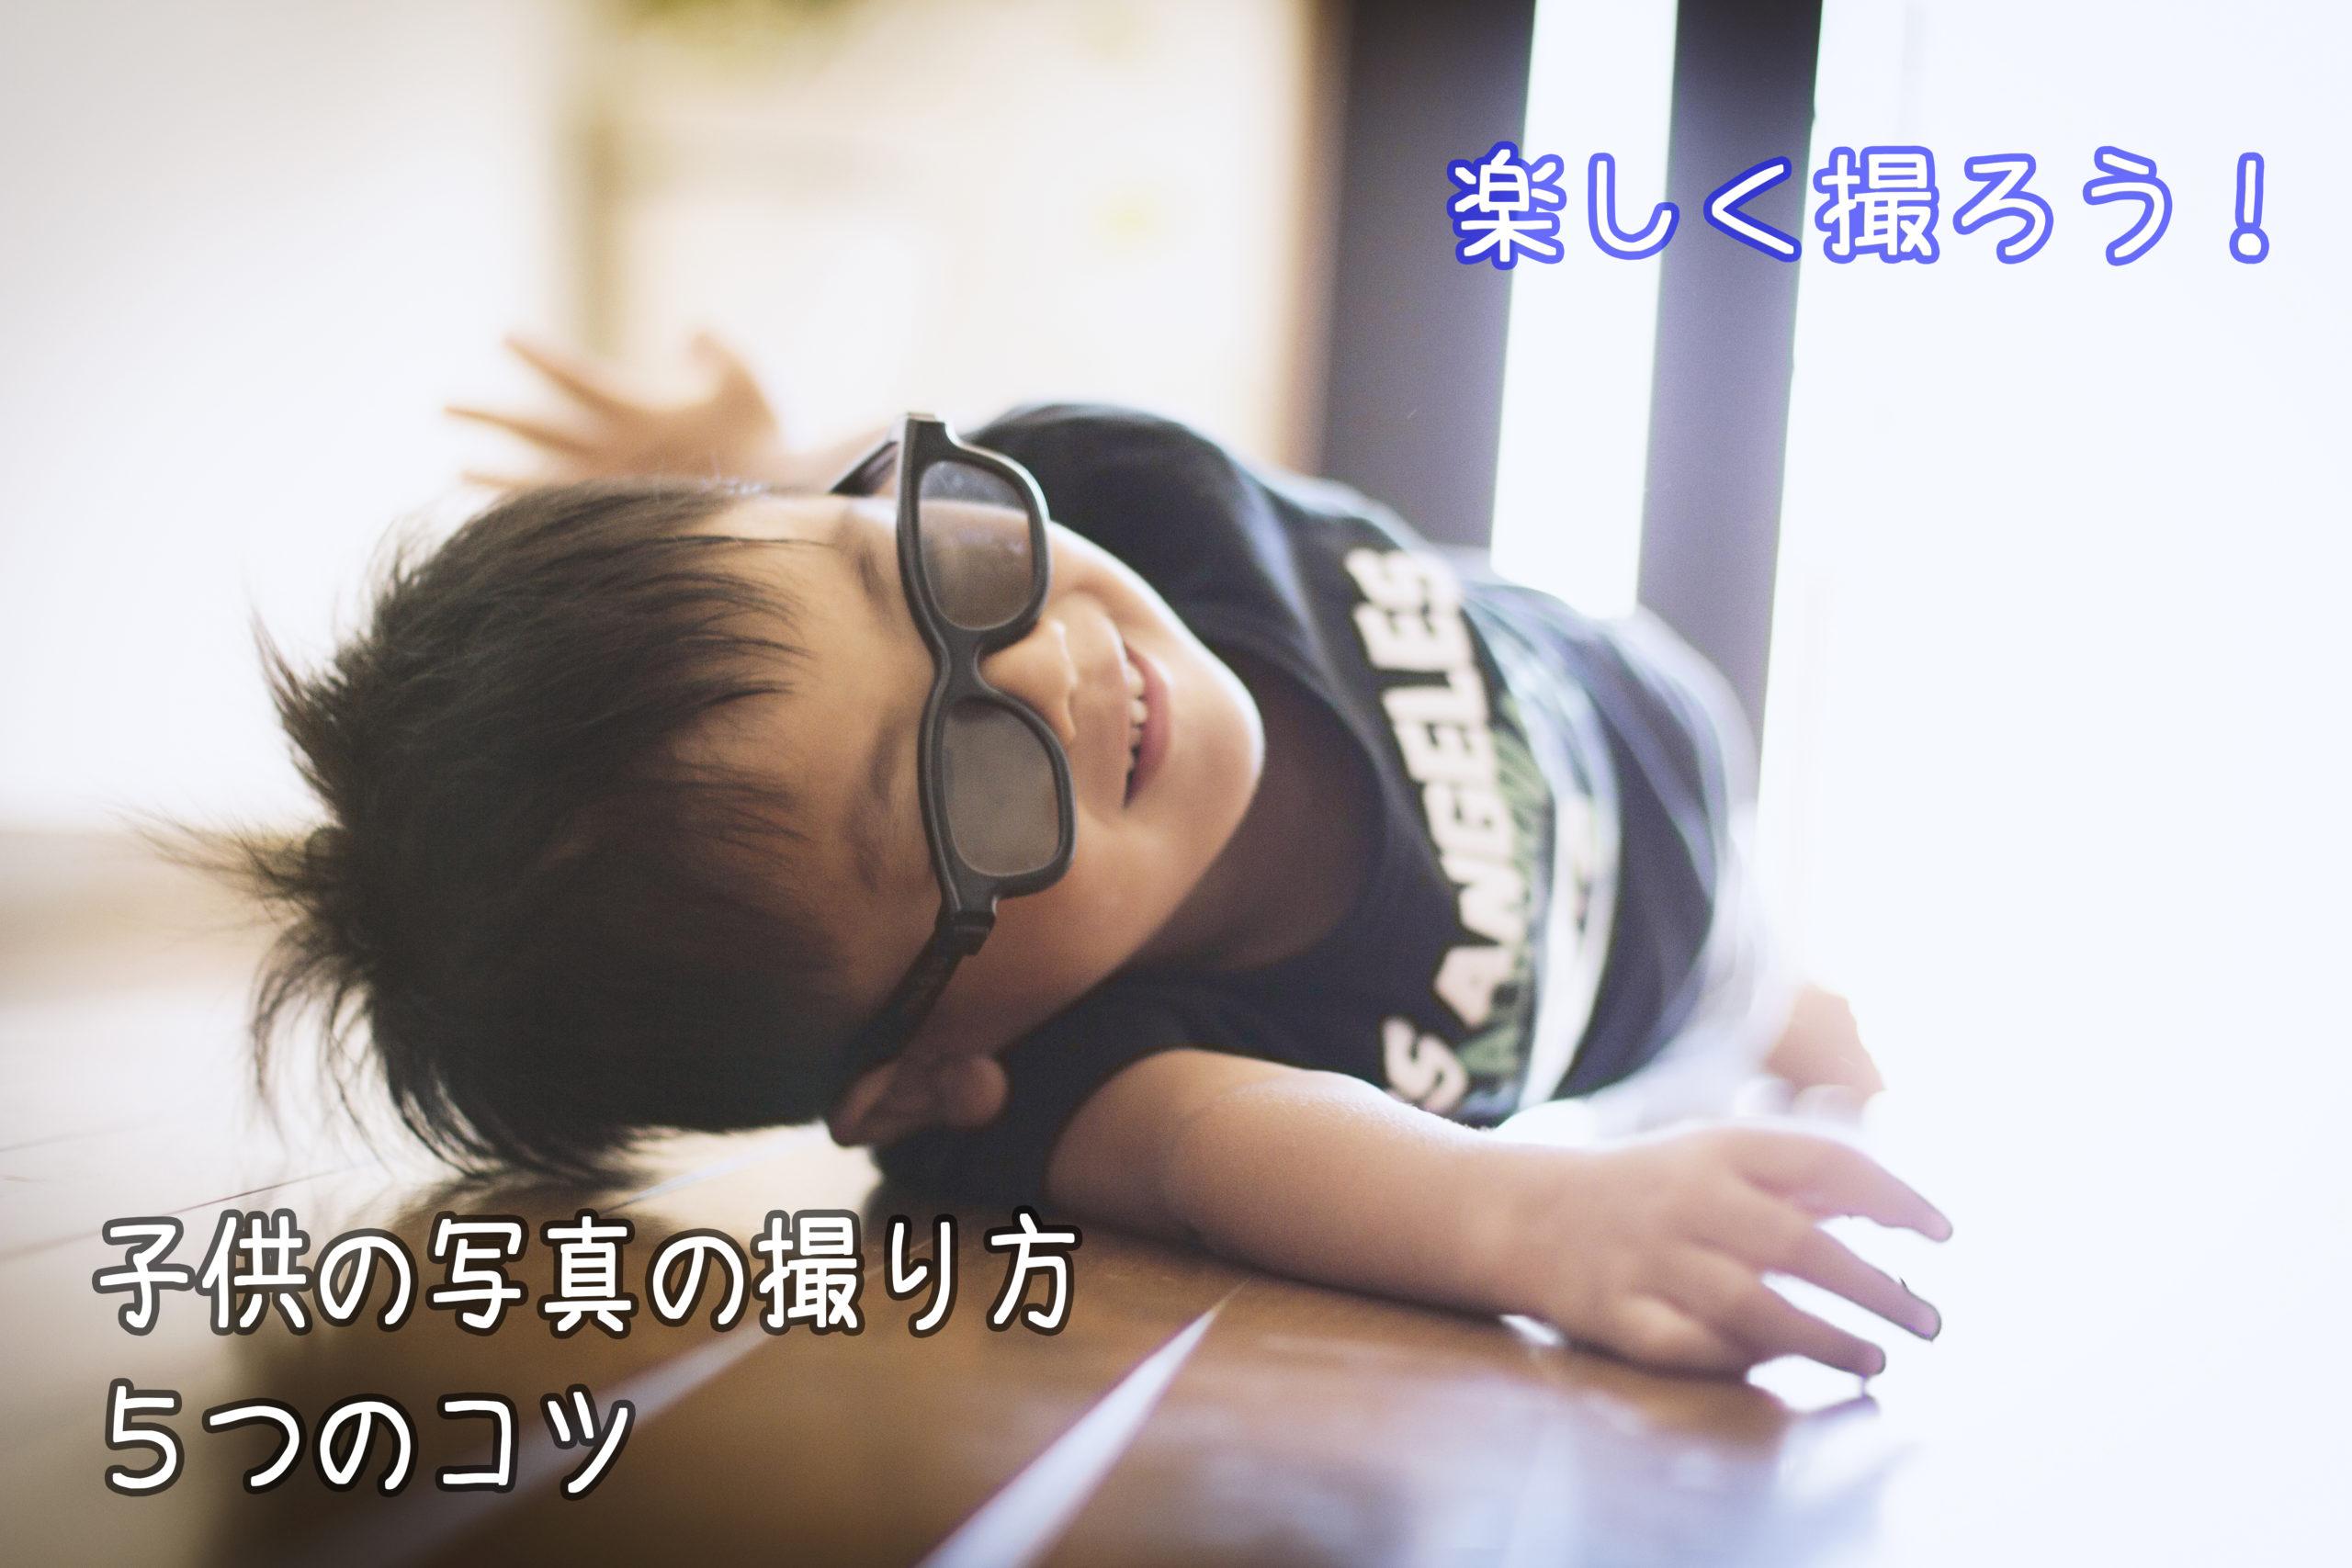 楽しく撮ろう!子供の写真の撮り方5つのコツ